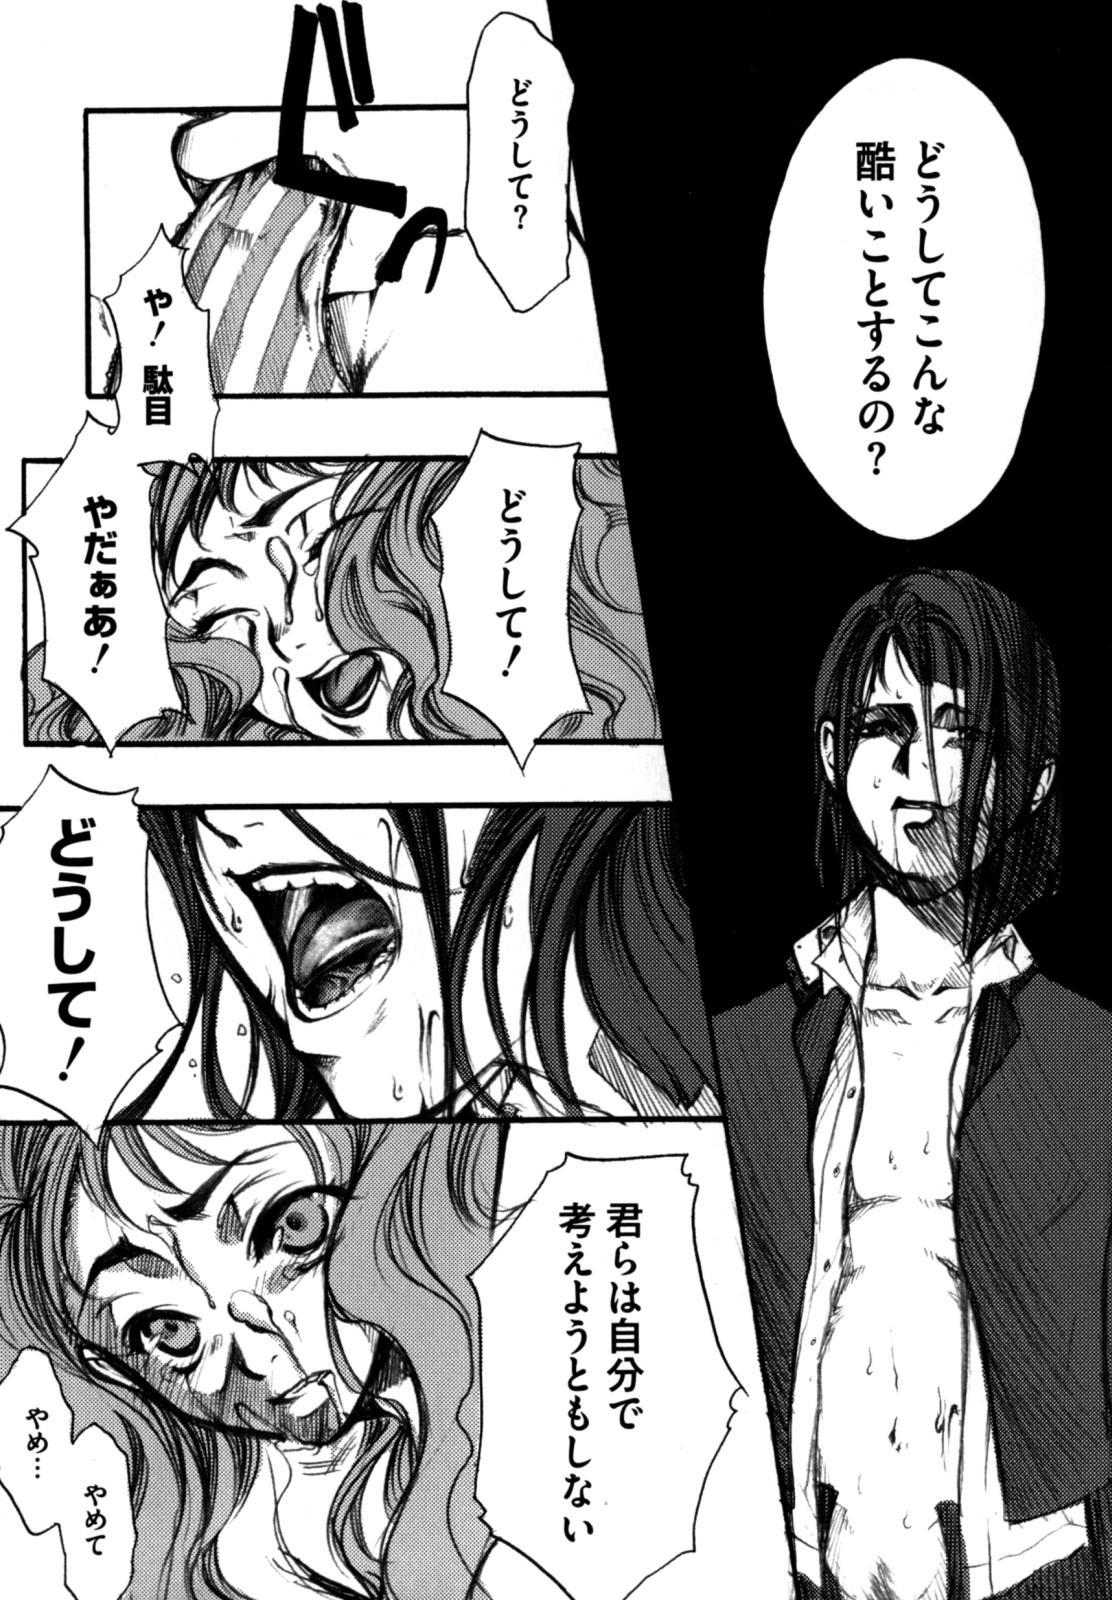 Shikijou no Erosu 110